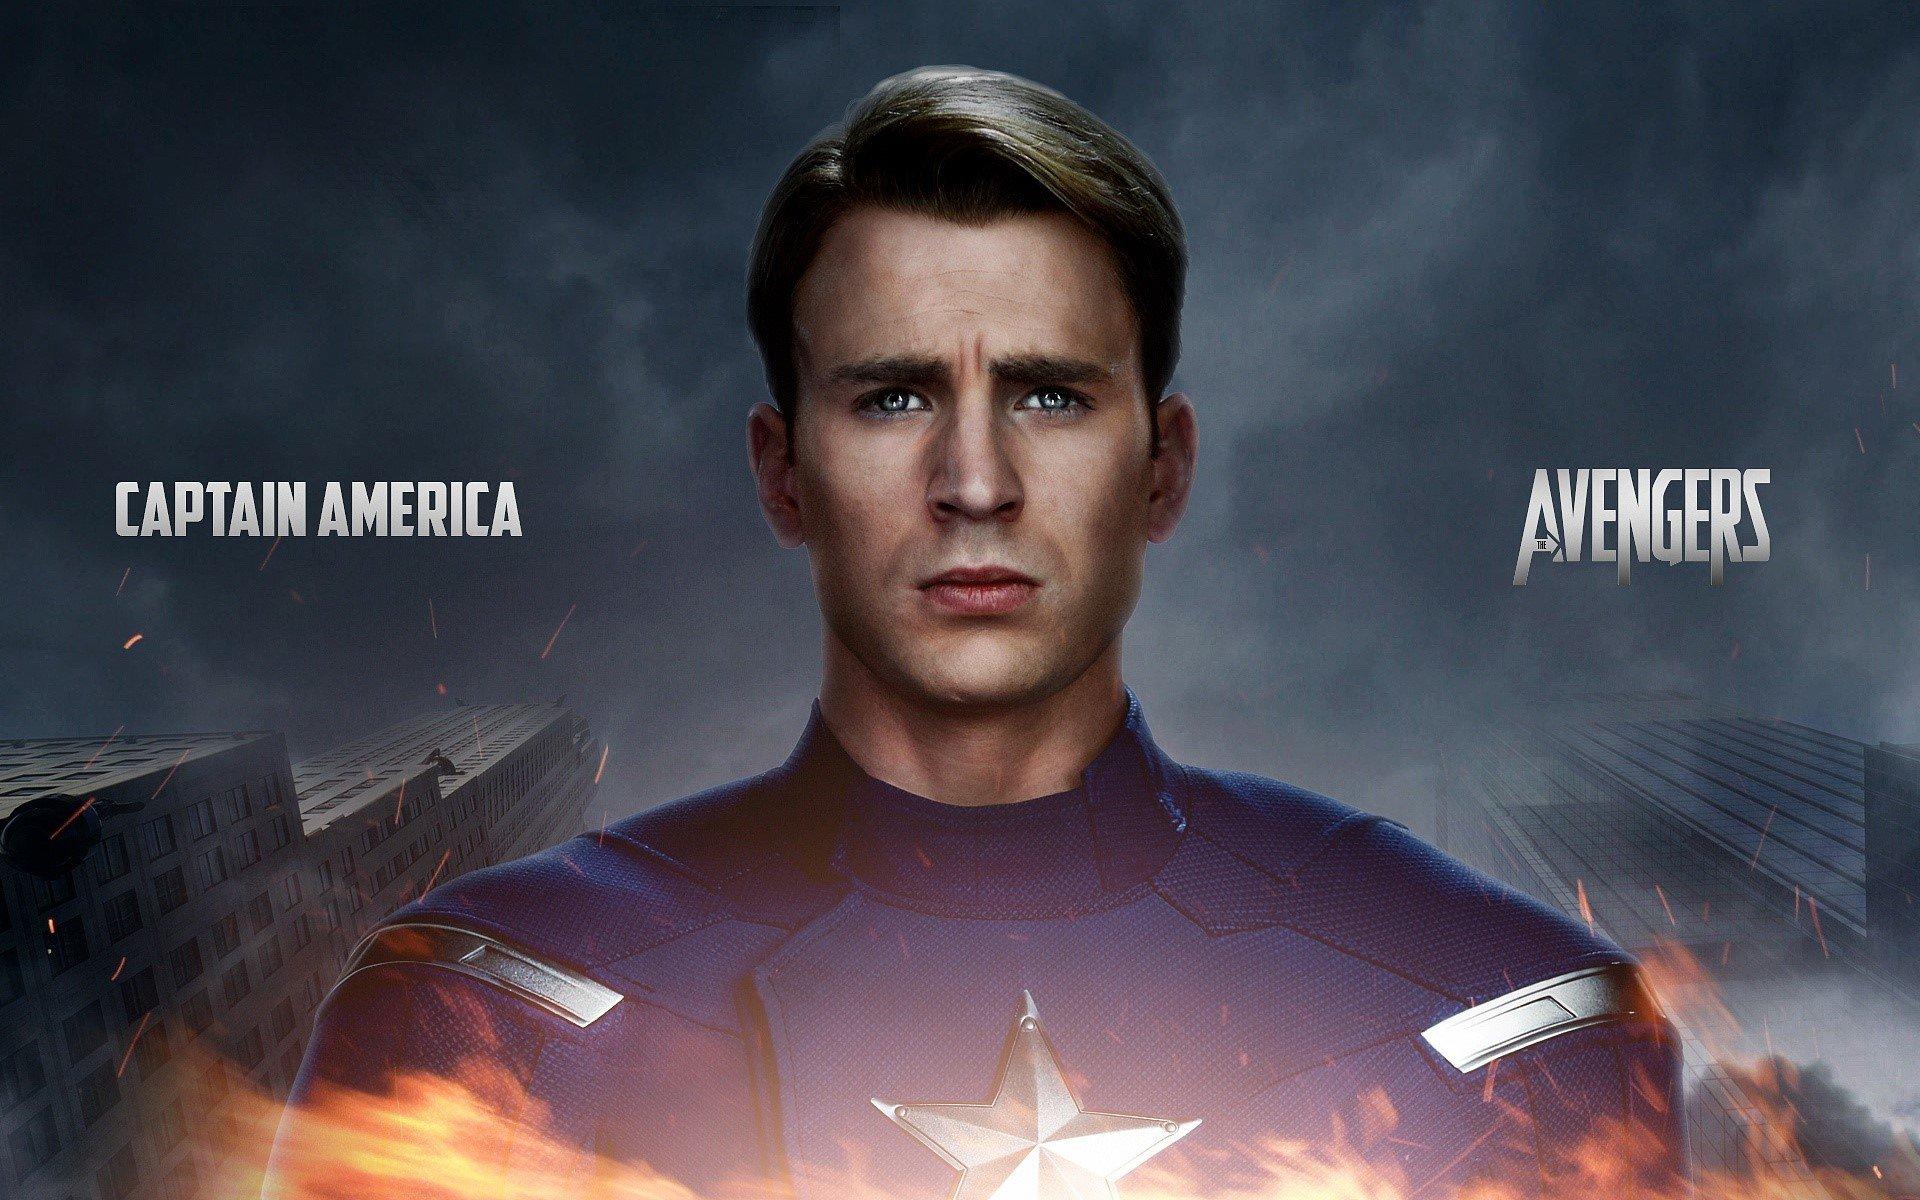 Wallpaper Captain America in The Avengers 2